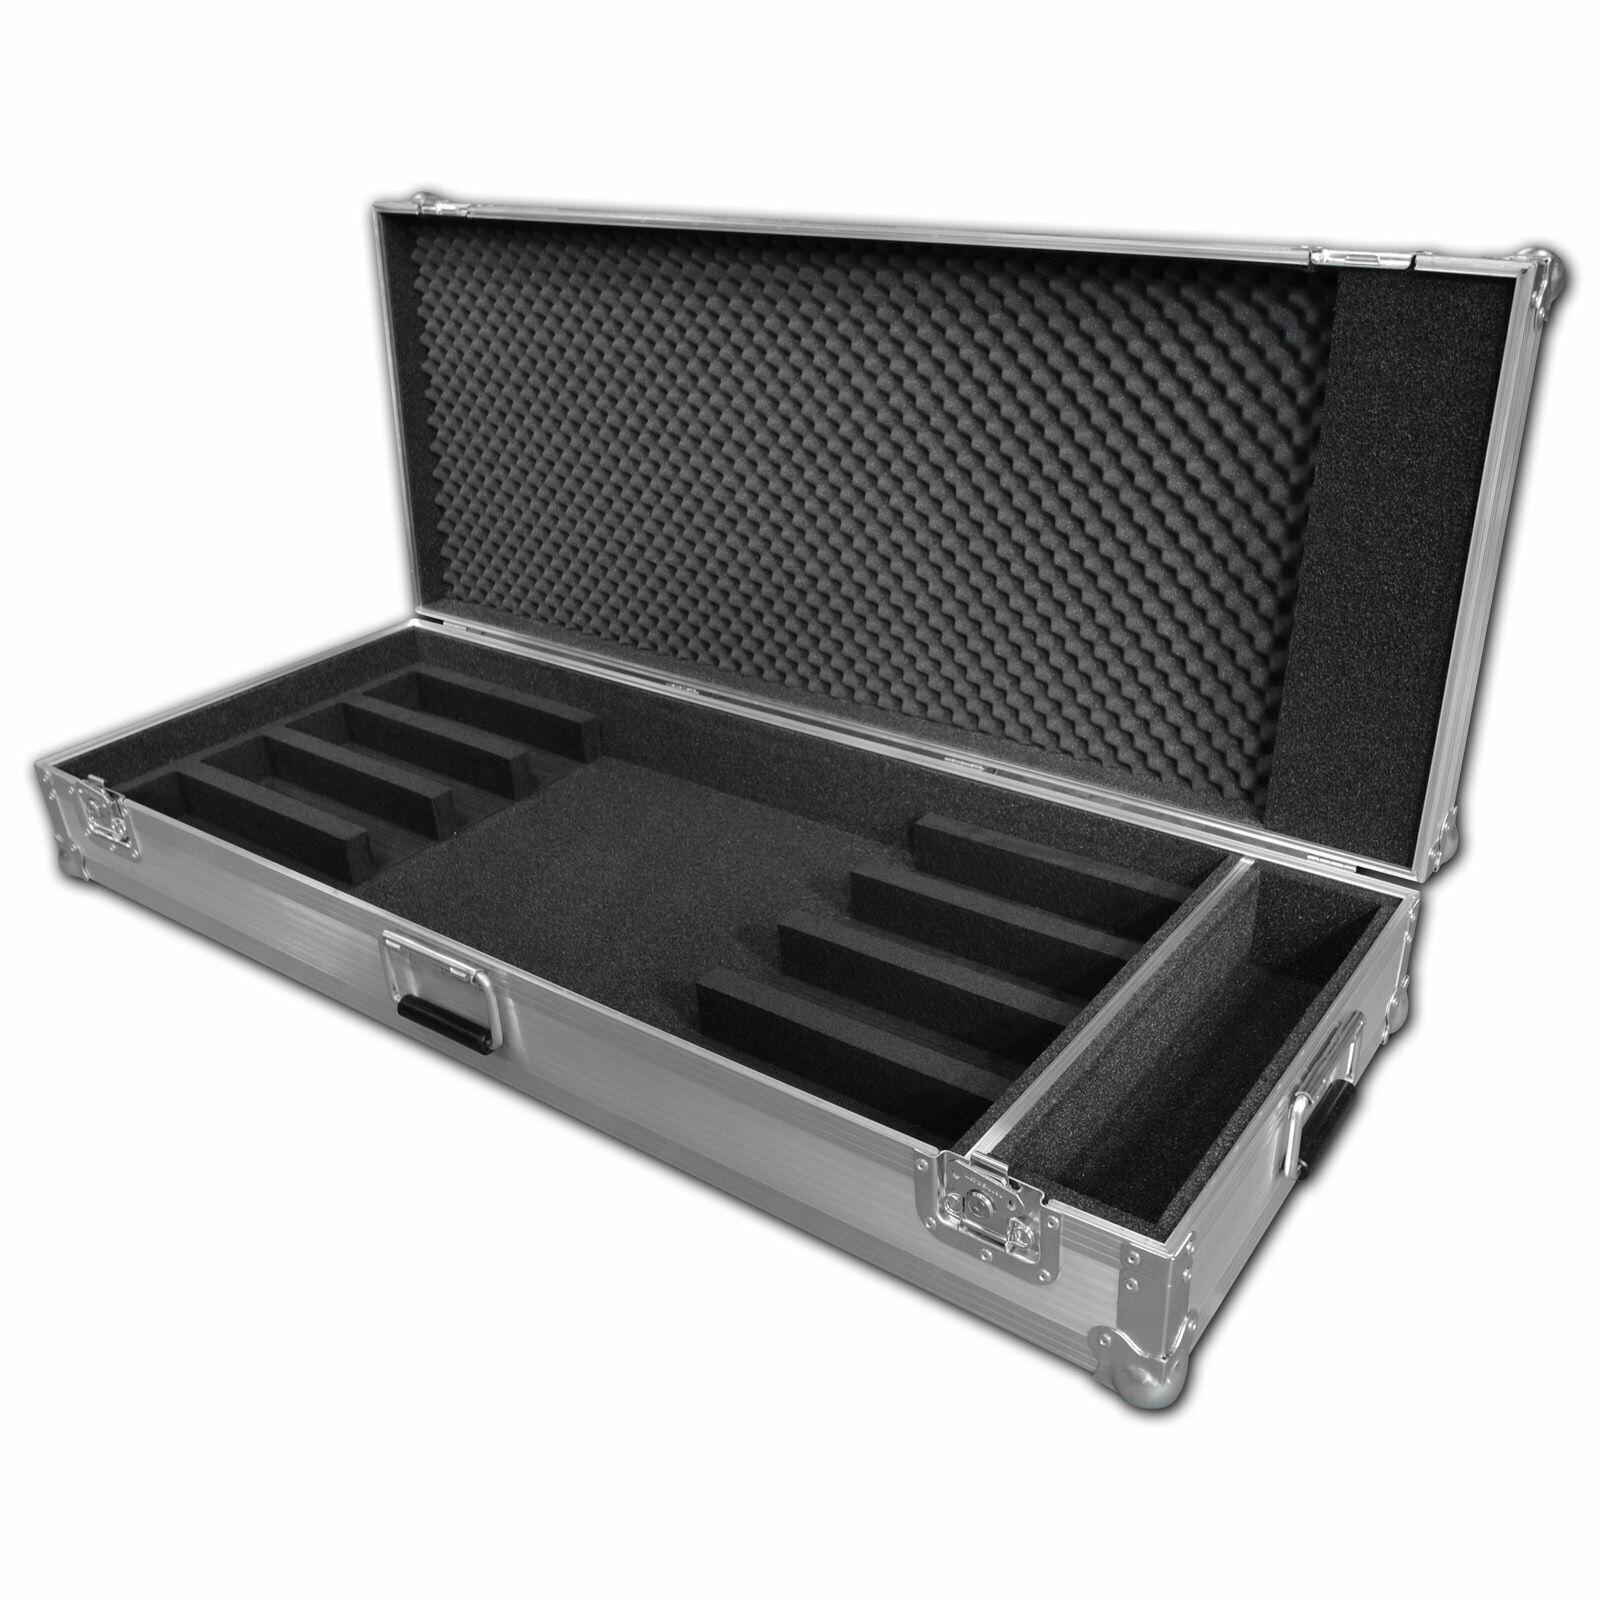 LED Batten Flight Case To fit 4 Battens for Chauvet COLORDASH Batten-Quad 12